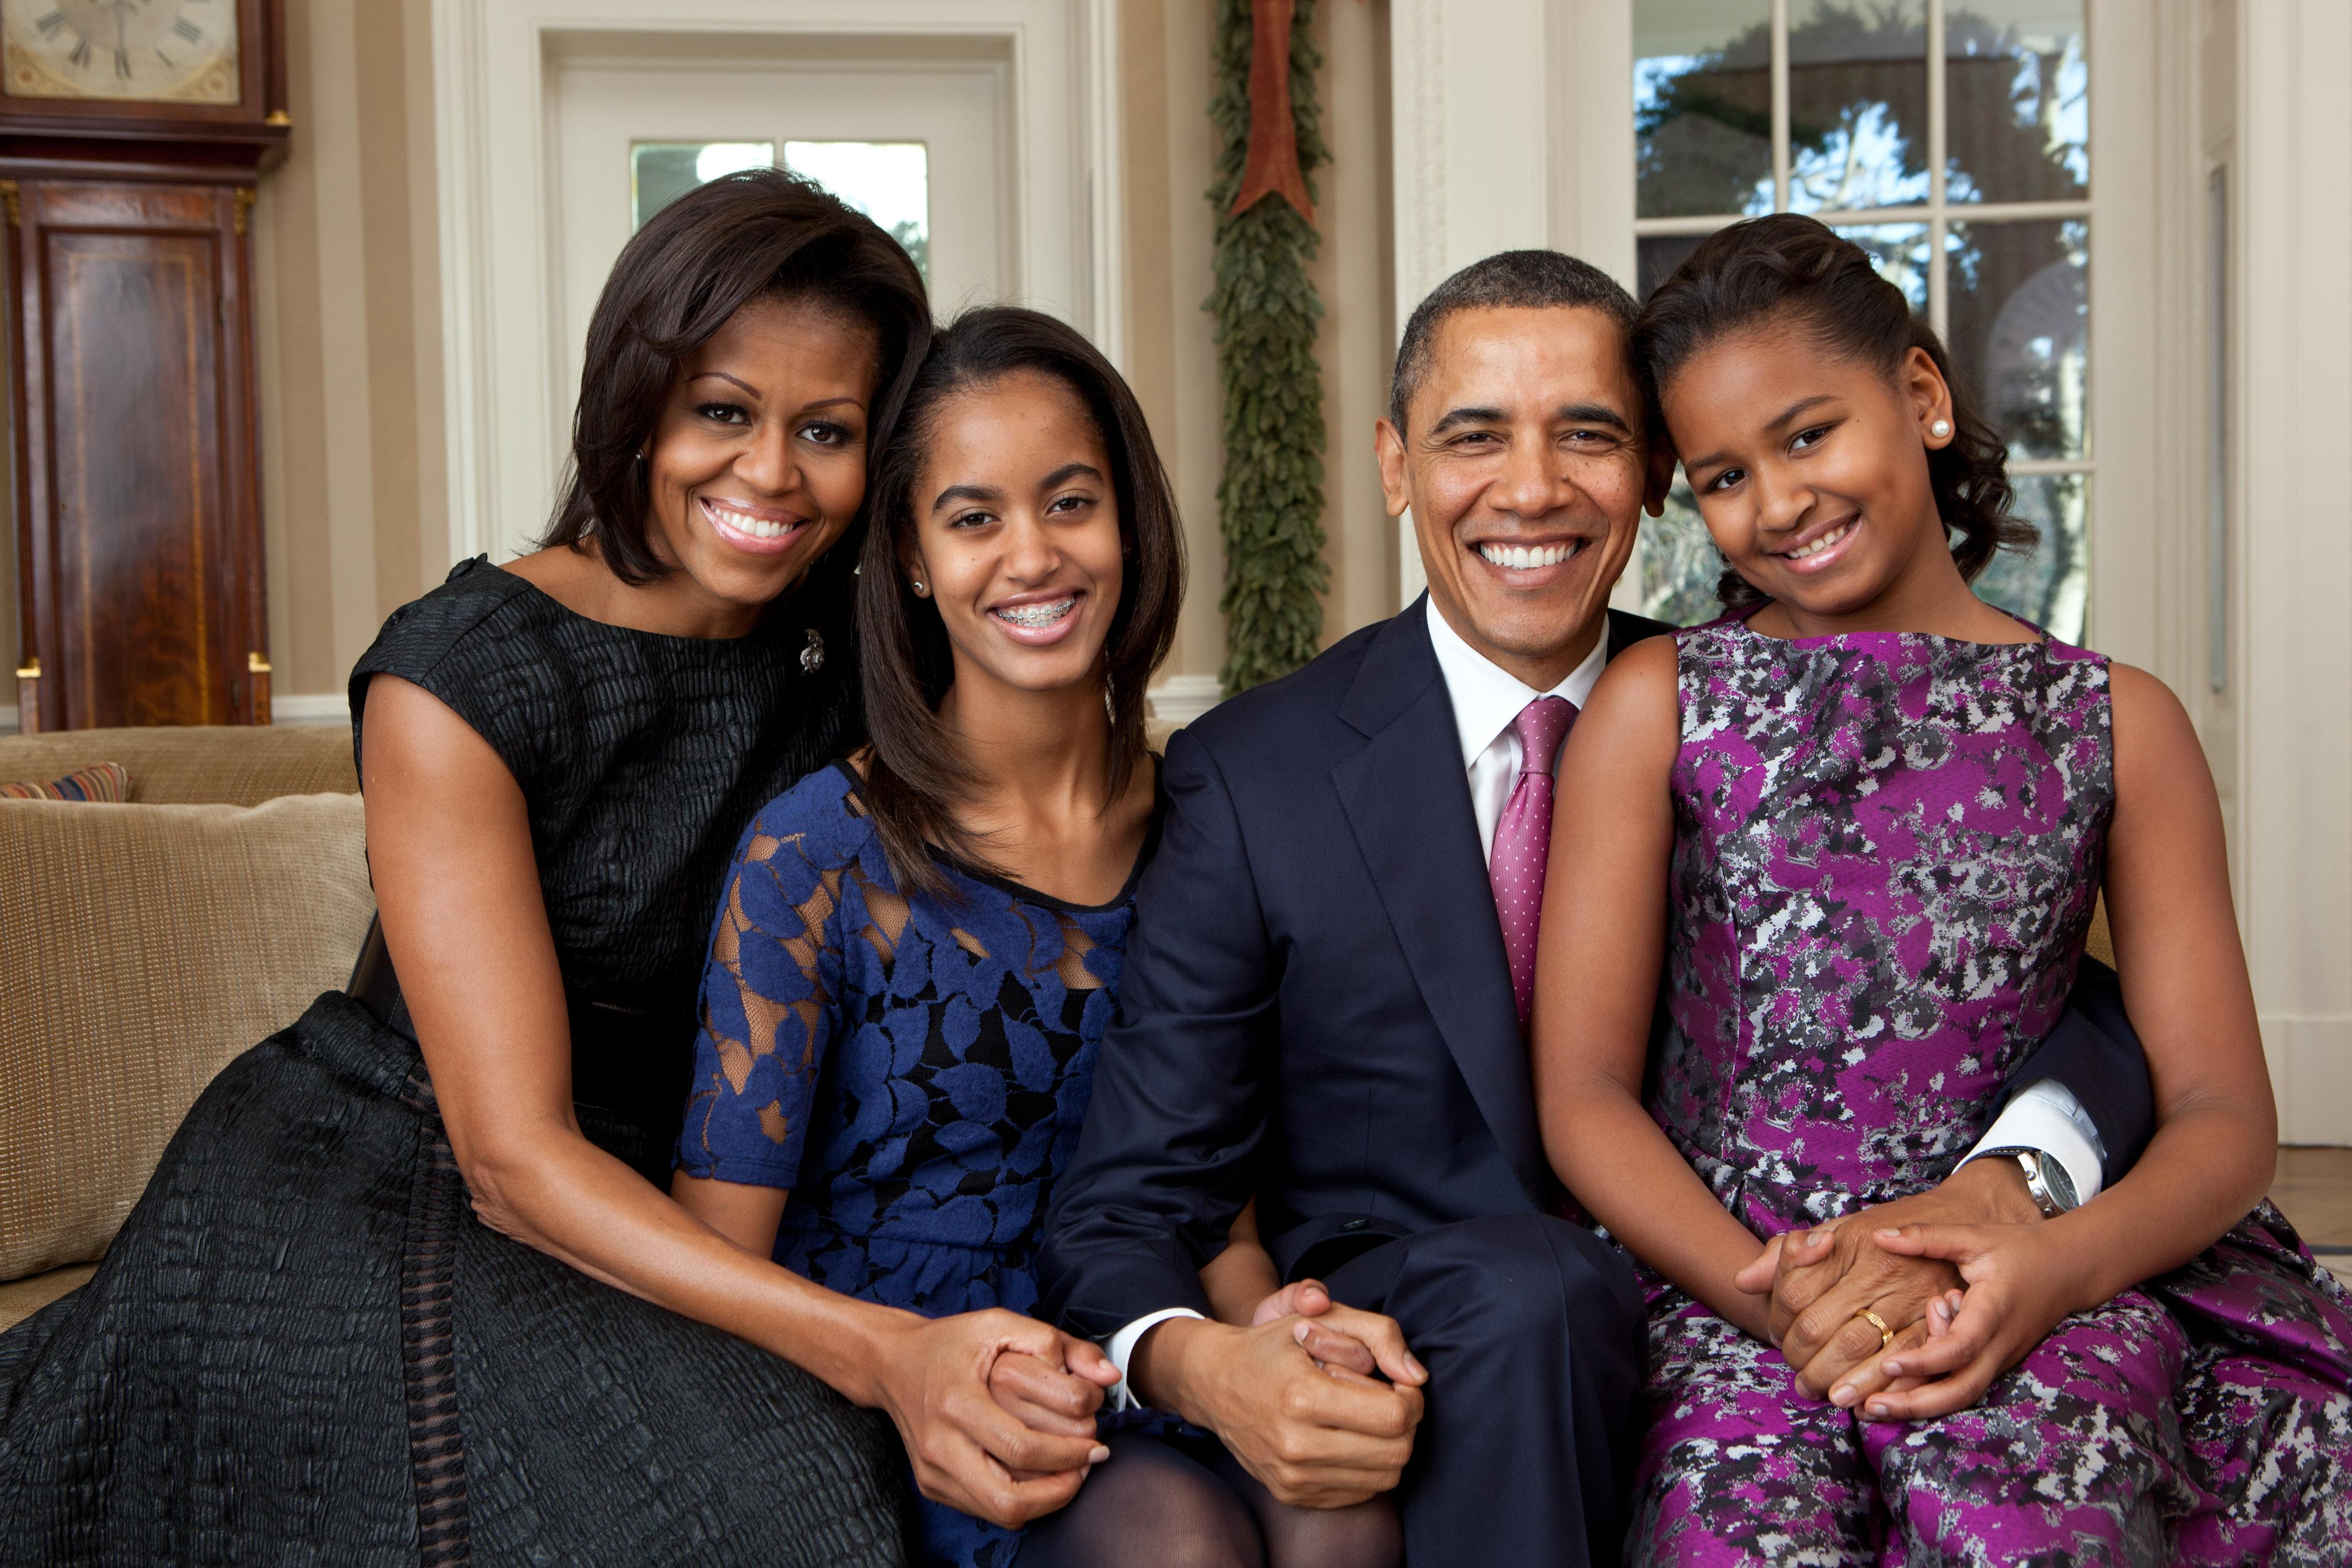 Familia prezidențială: Sasha,   Malia,   Michelle și Barack Obama